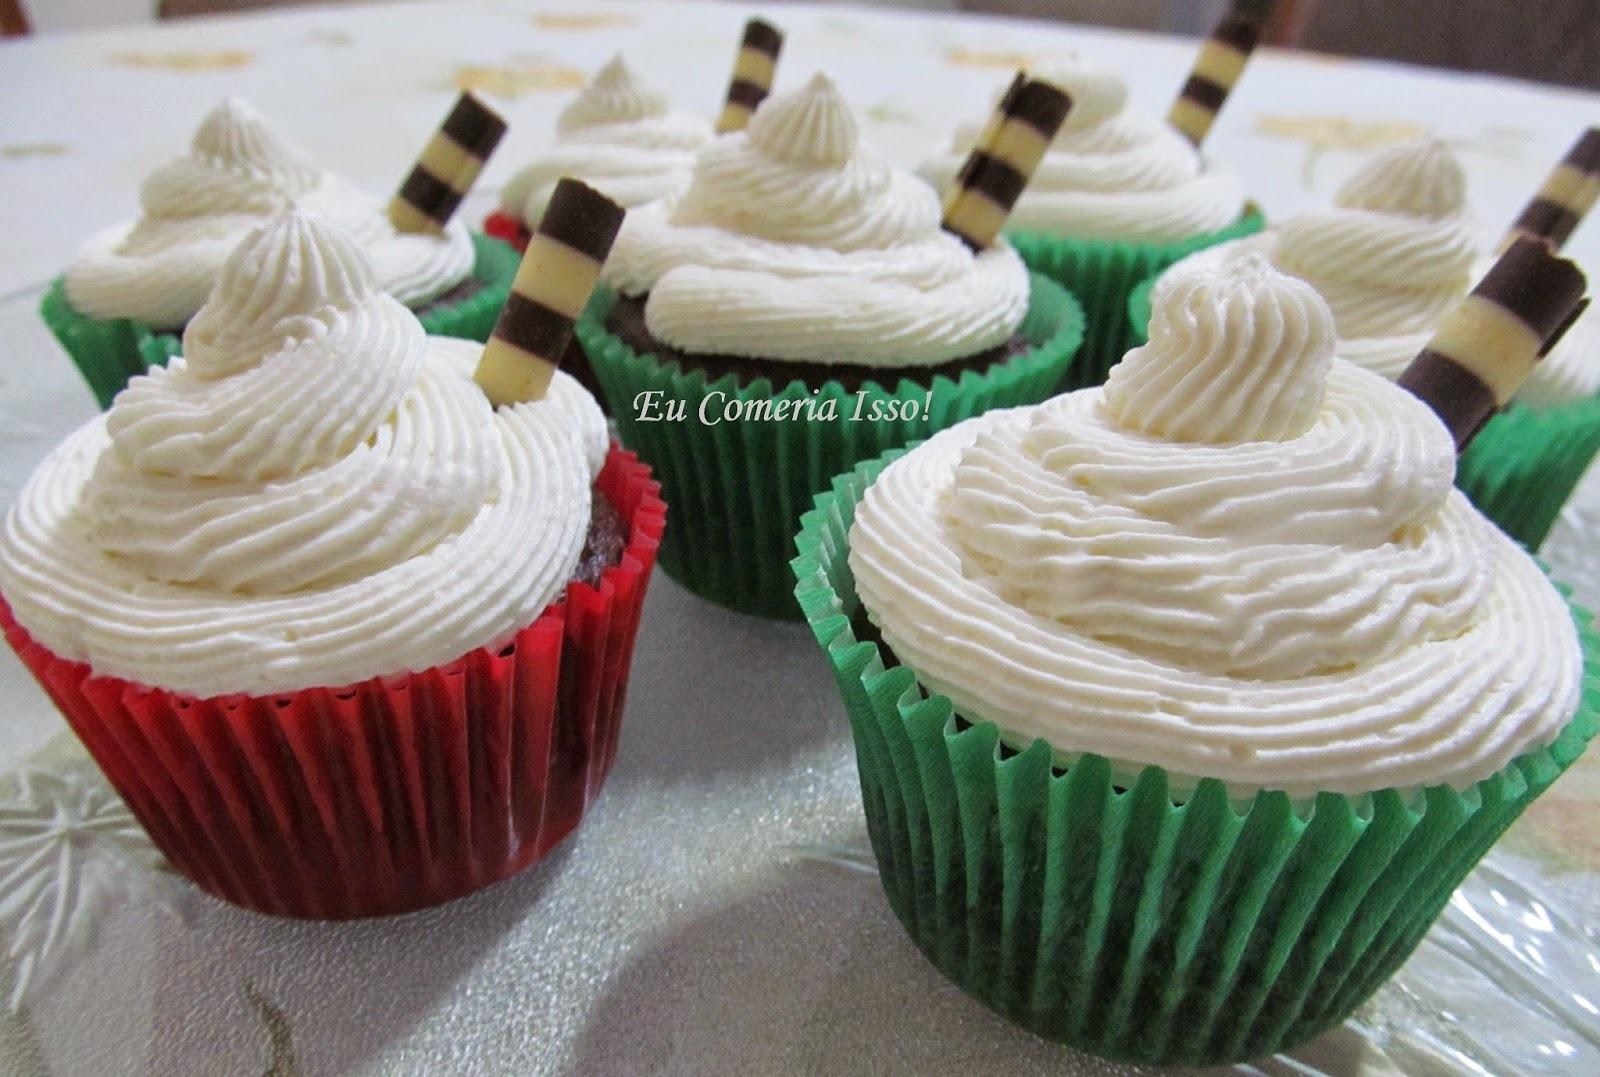 Cupcakes de Doce de Leite com Chantininho